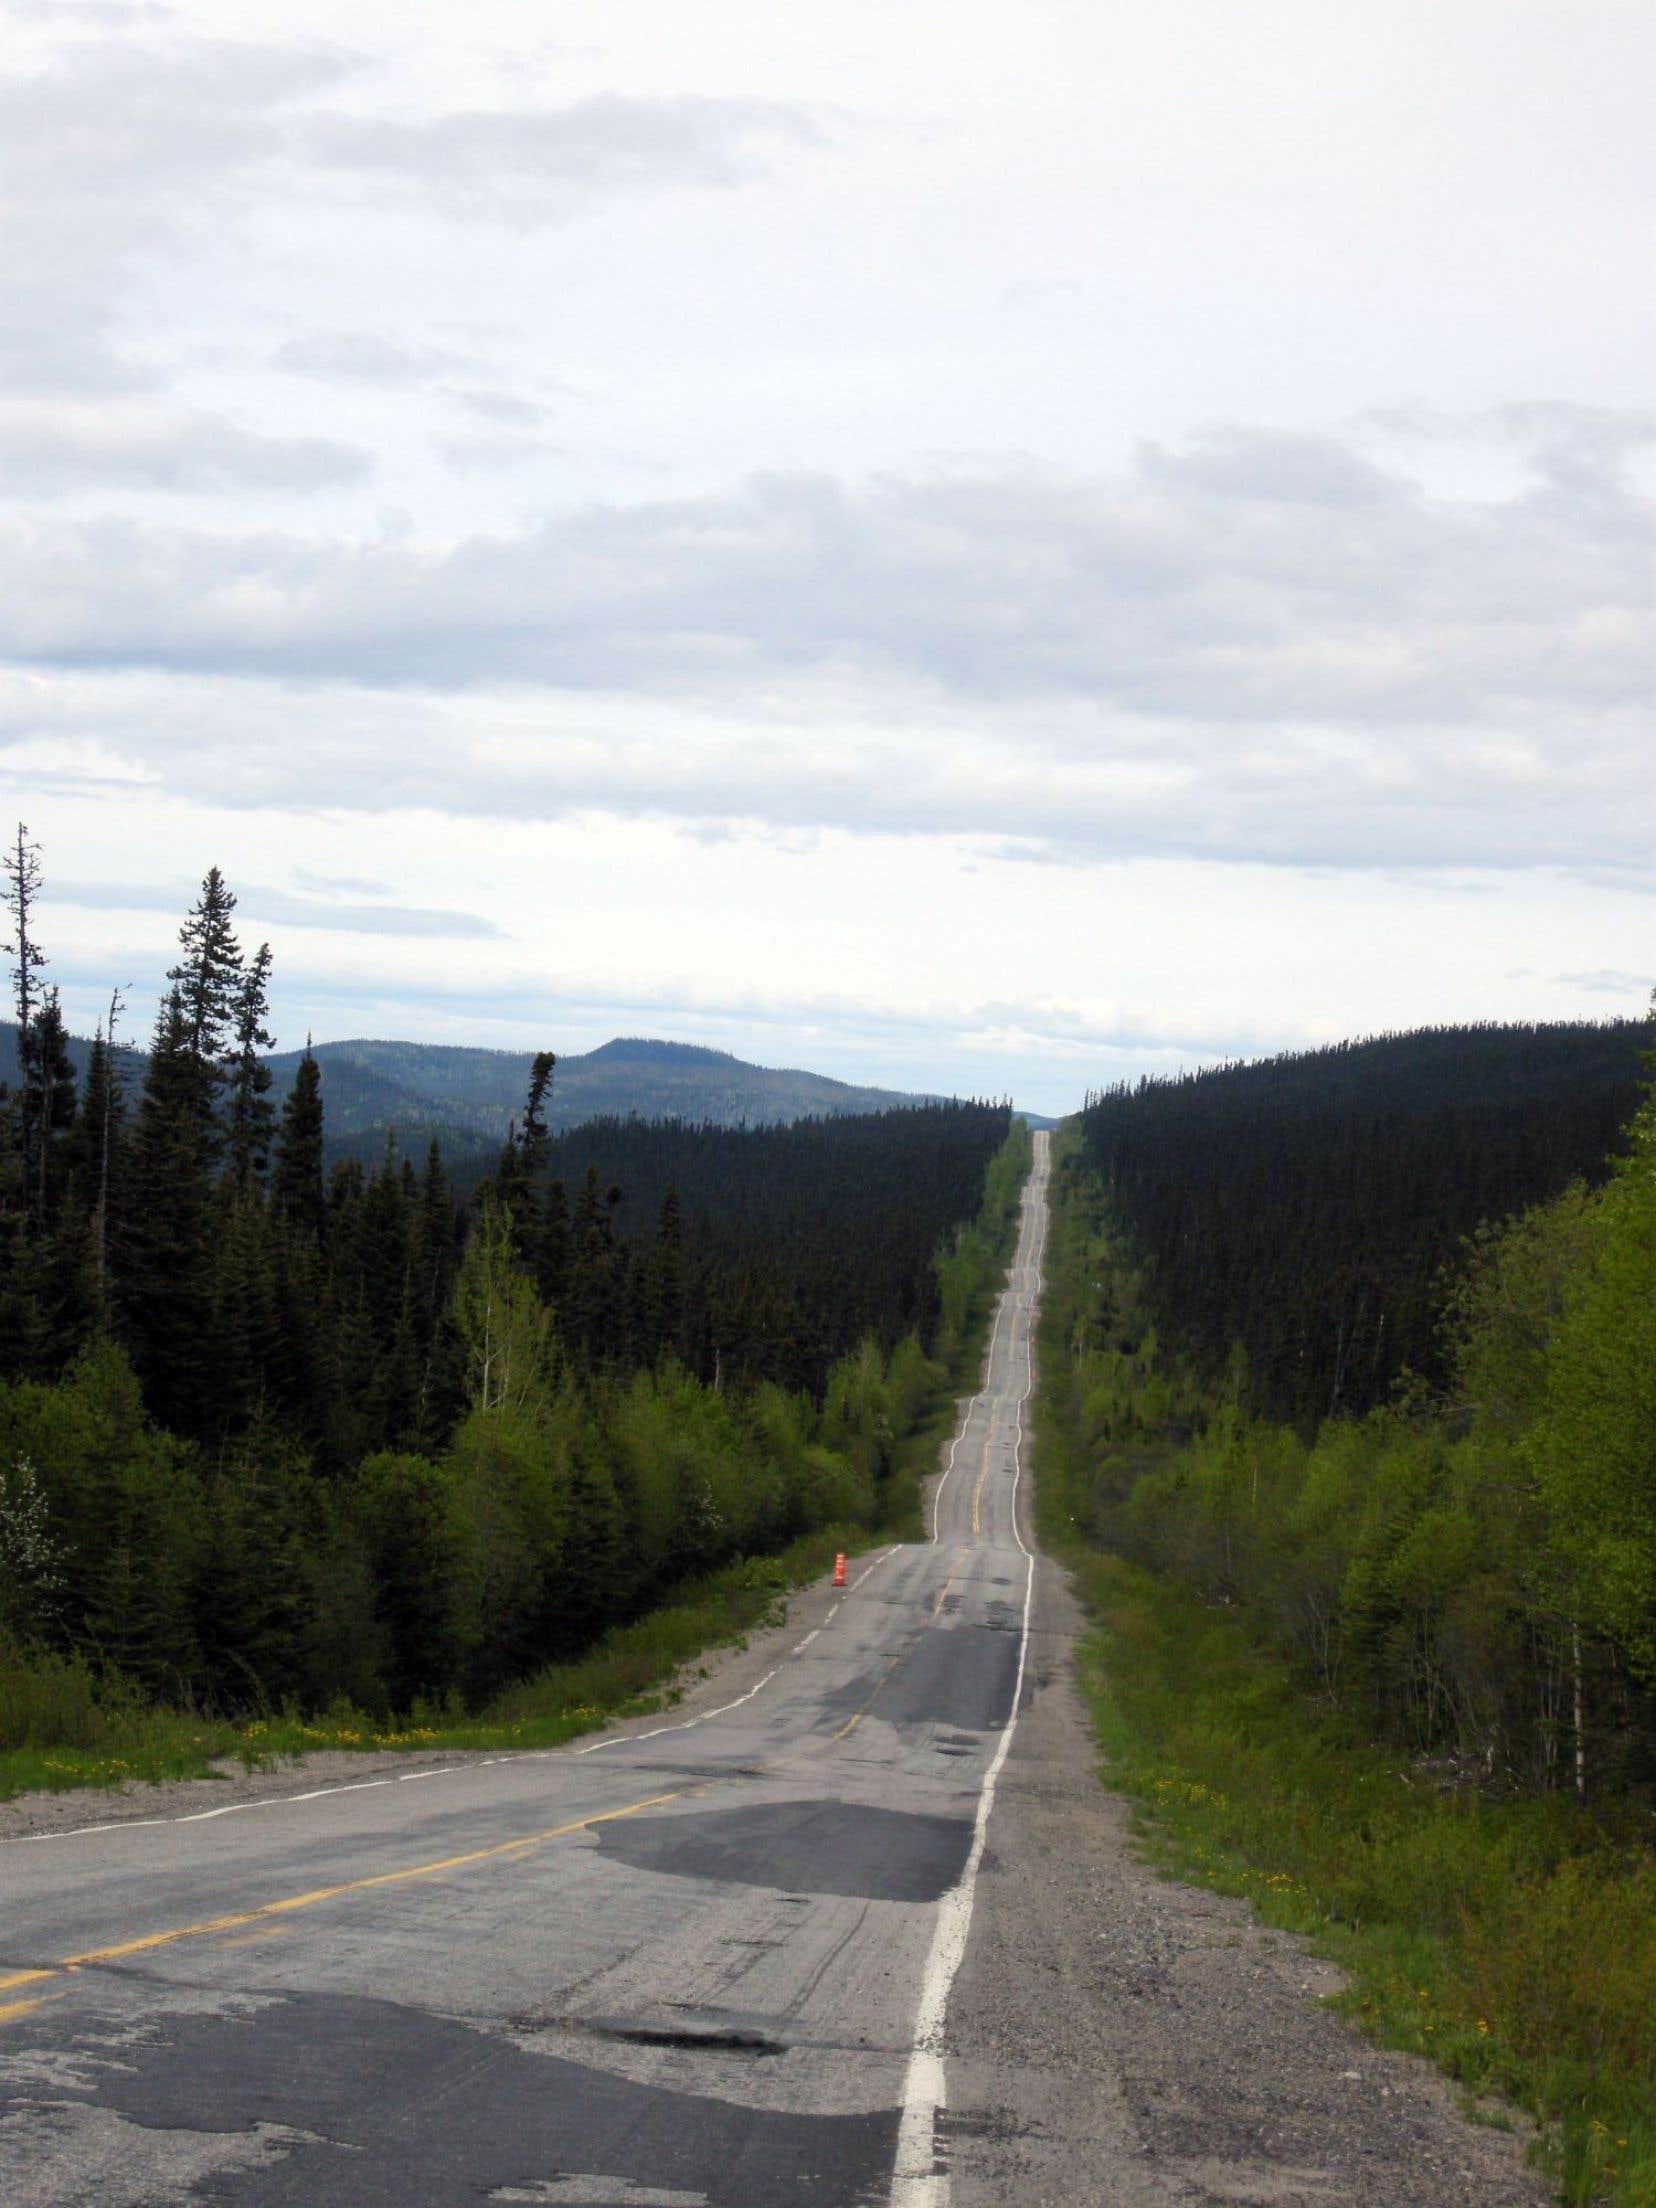 La fameuse route 389 s'étire de Baie-Comeau à Fermont, parfois belle et asphaltée, d'autres fois pleine de trous.